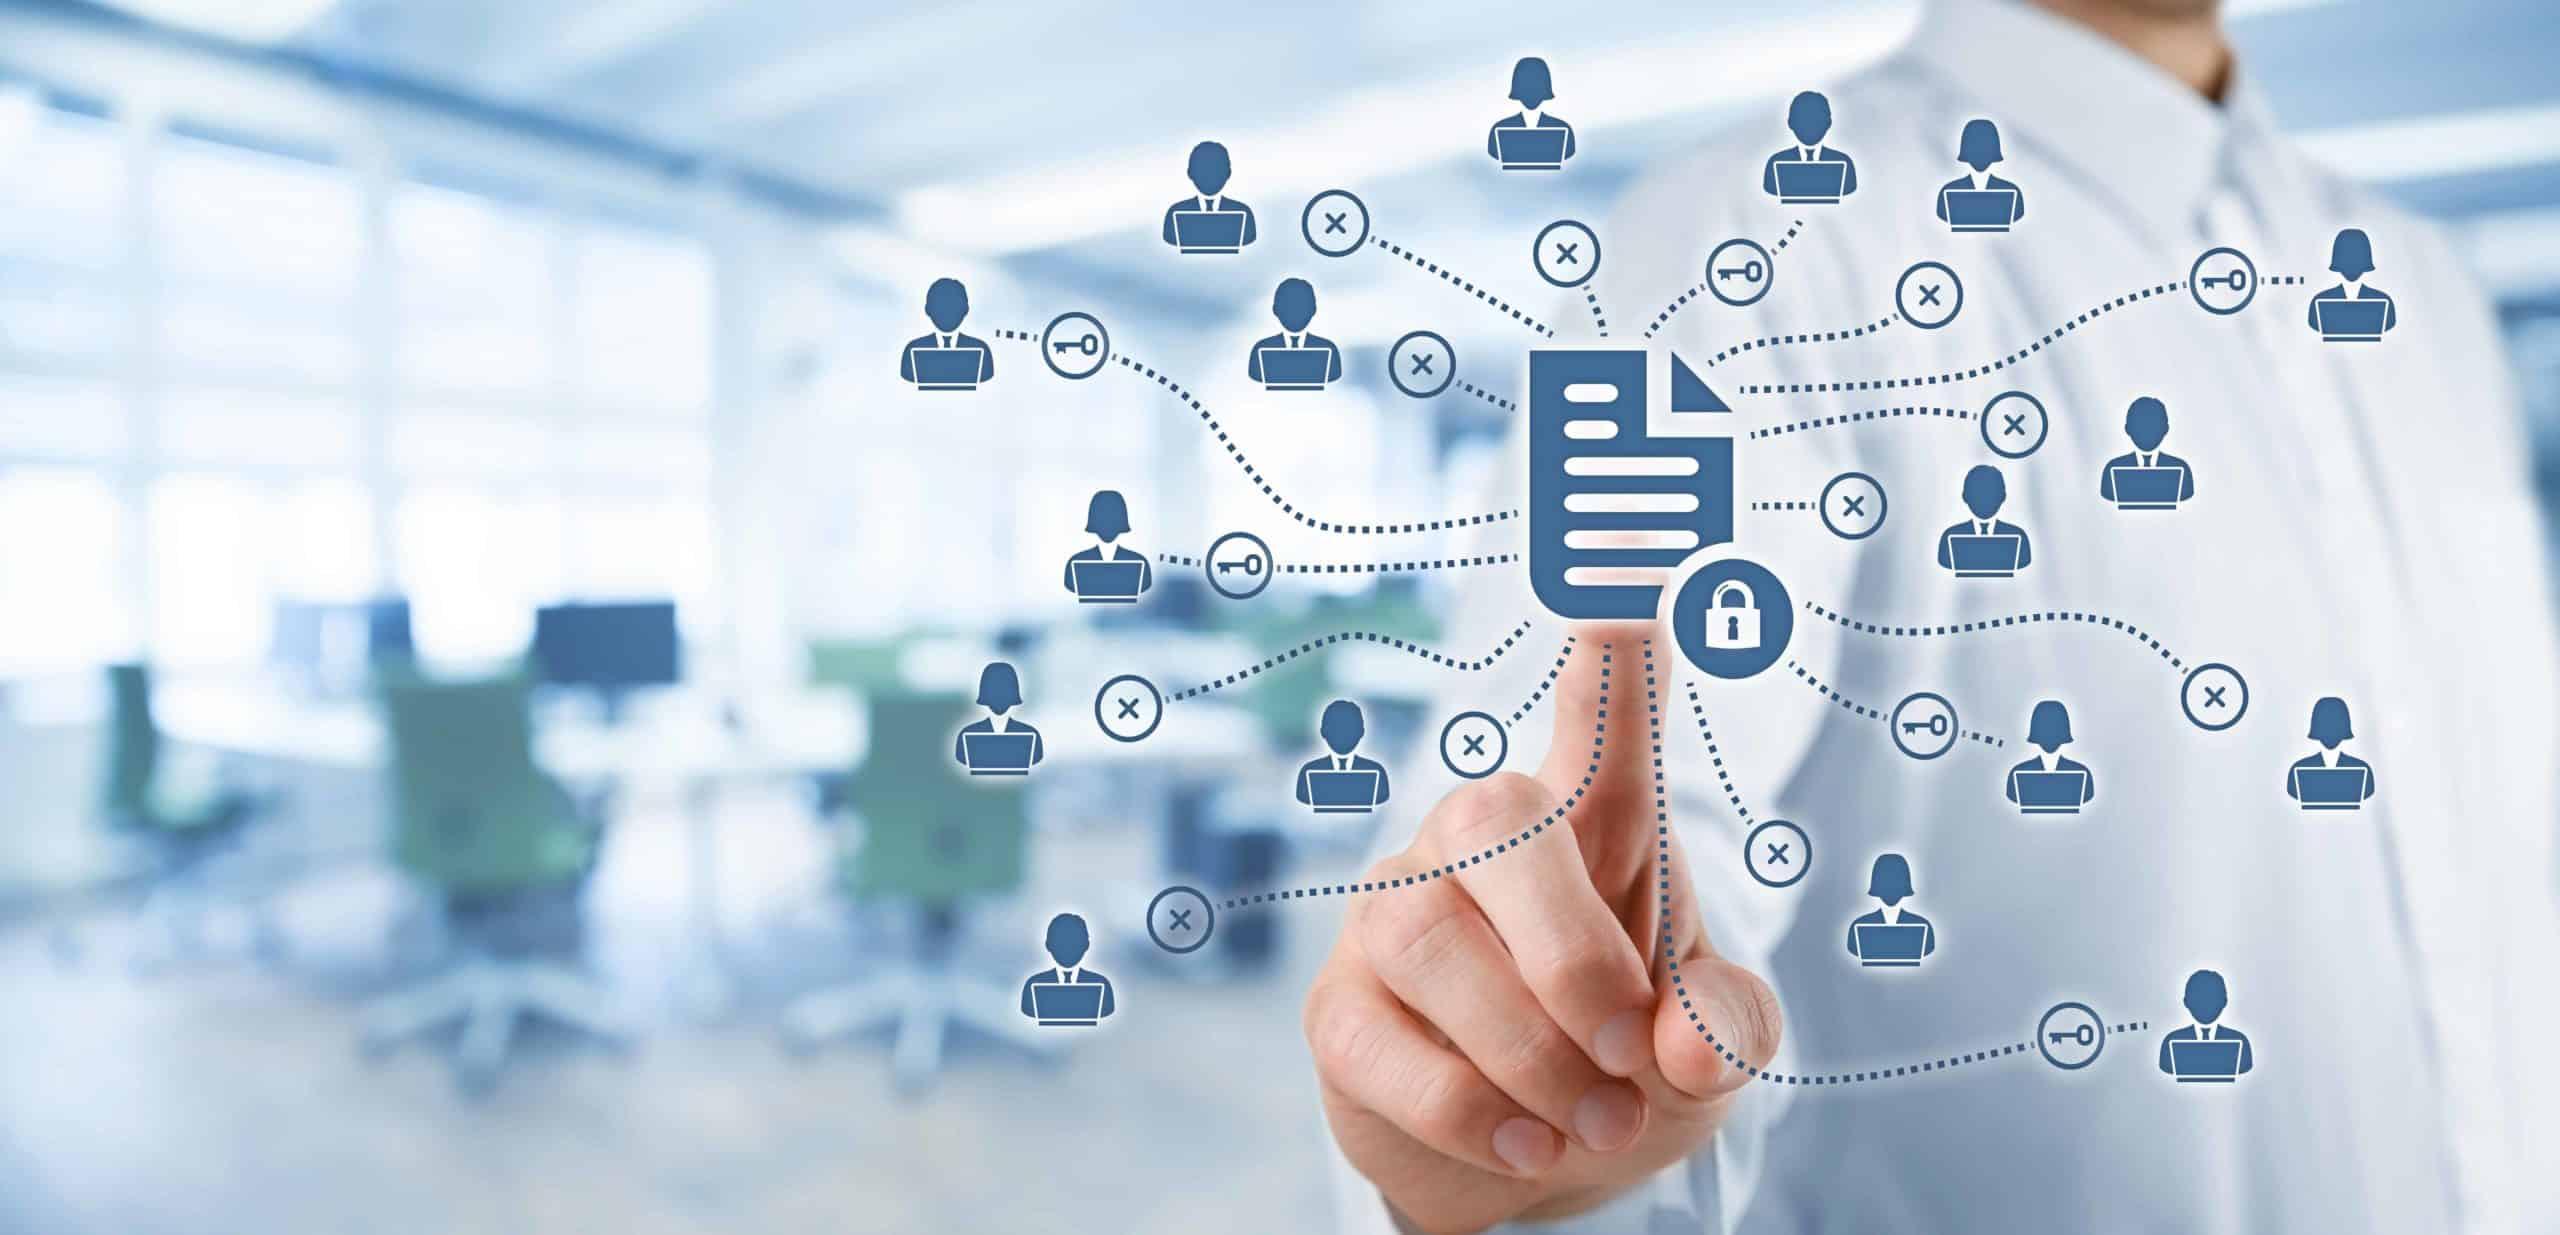 Datenmanagemet und Privatsphäre